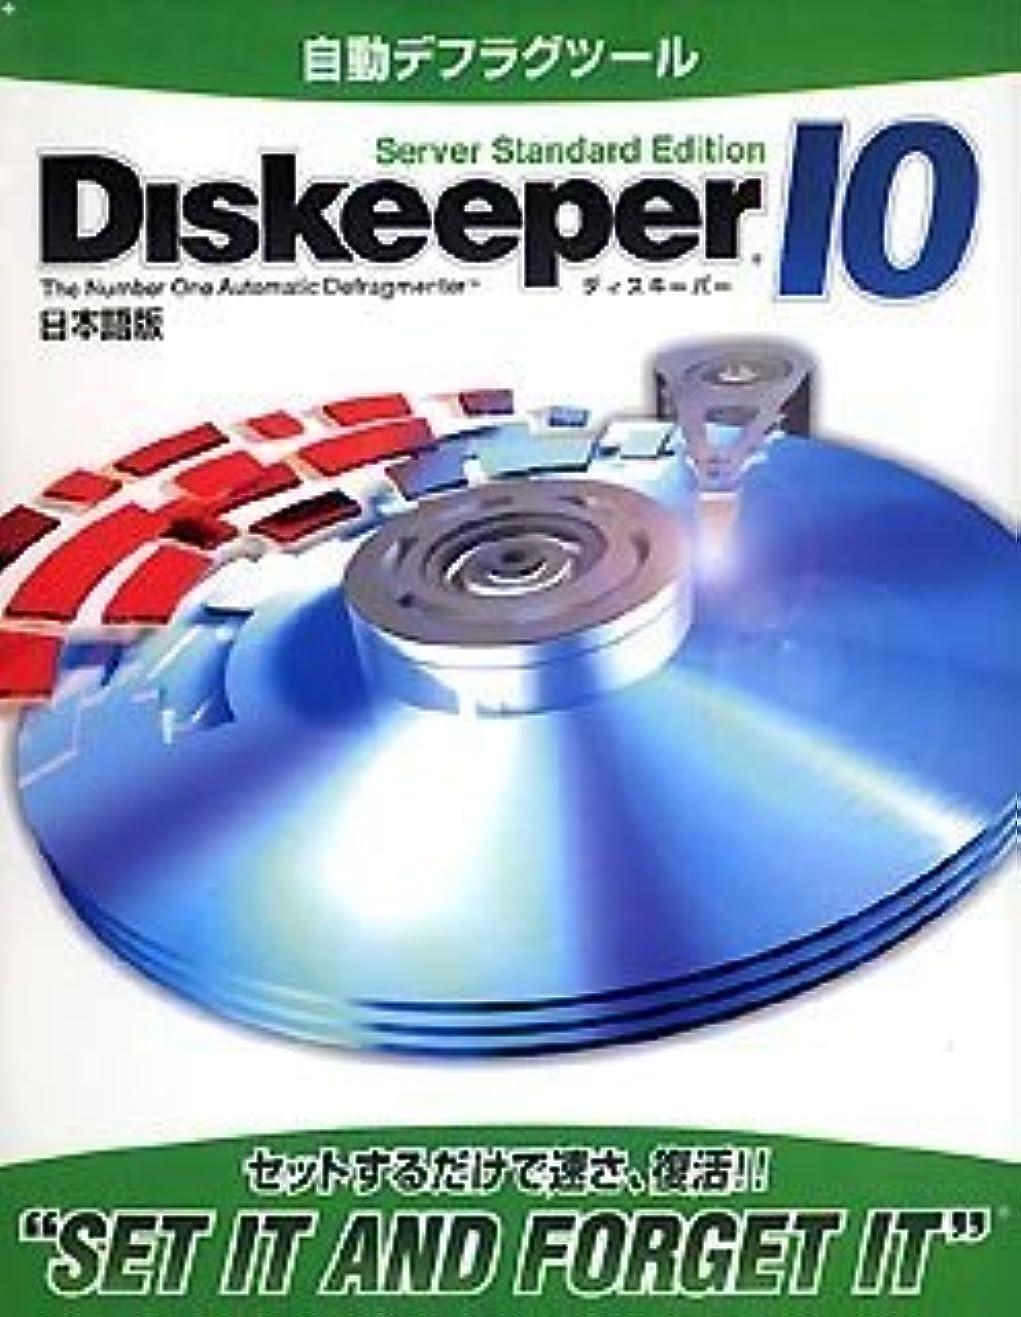 司法解釈弾性Diskeeper 10 日本語版 Server Standard Edition